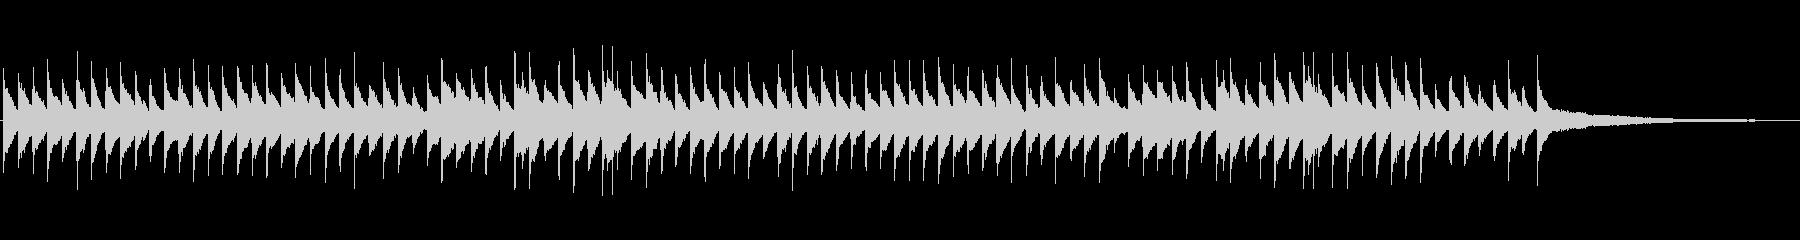 懐かしい思い出の回想シーン ピアノ+風鈴の未再生の波形